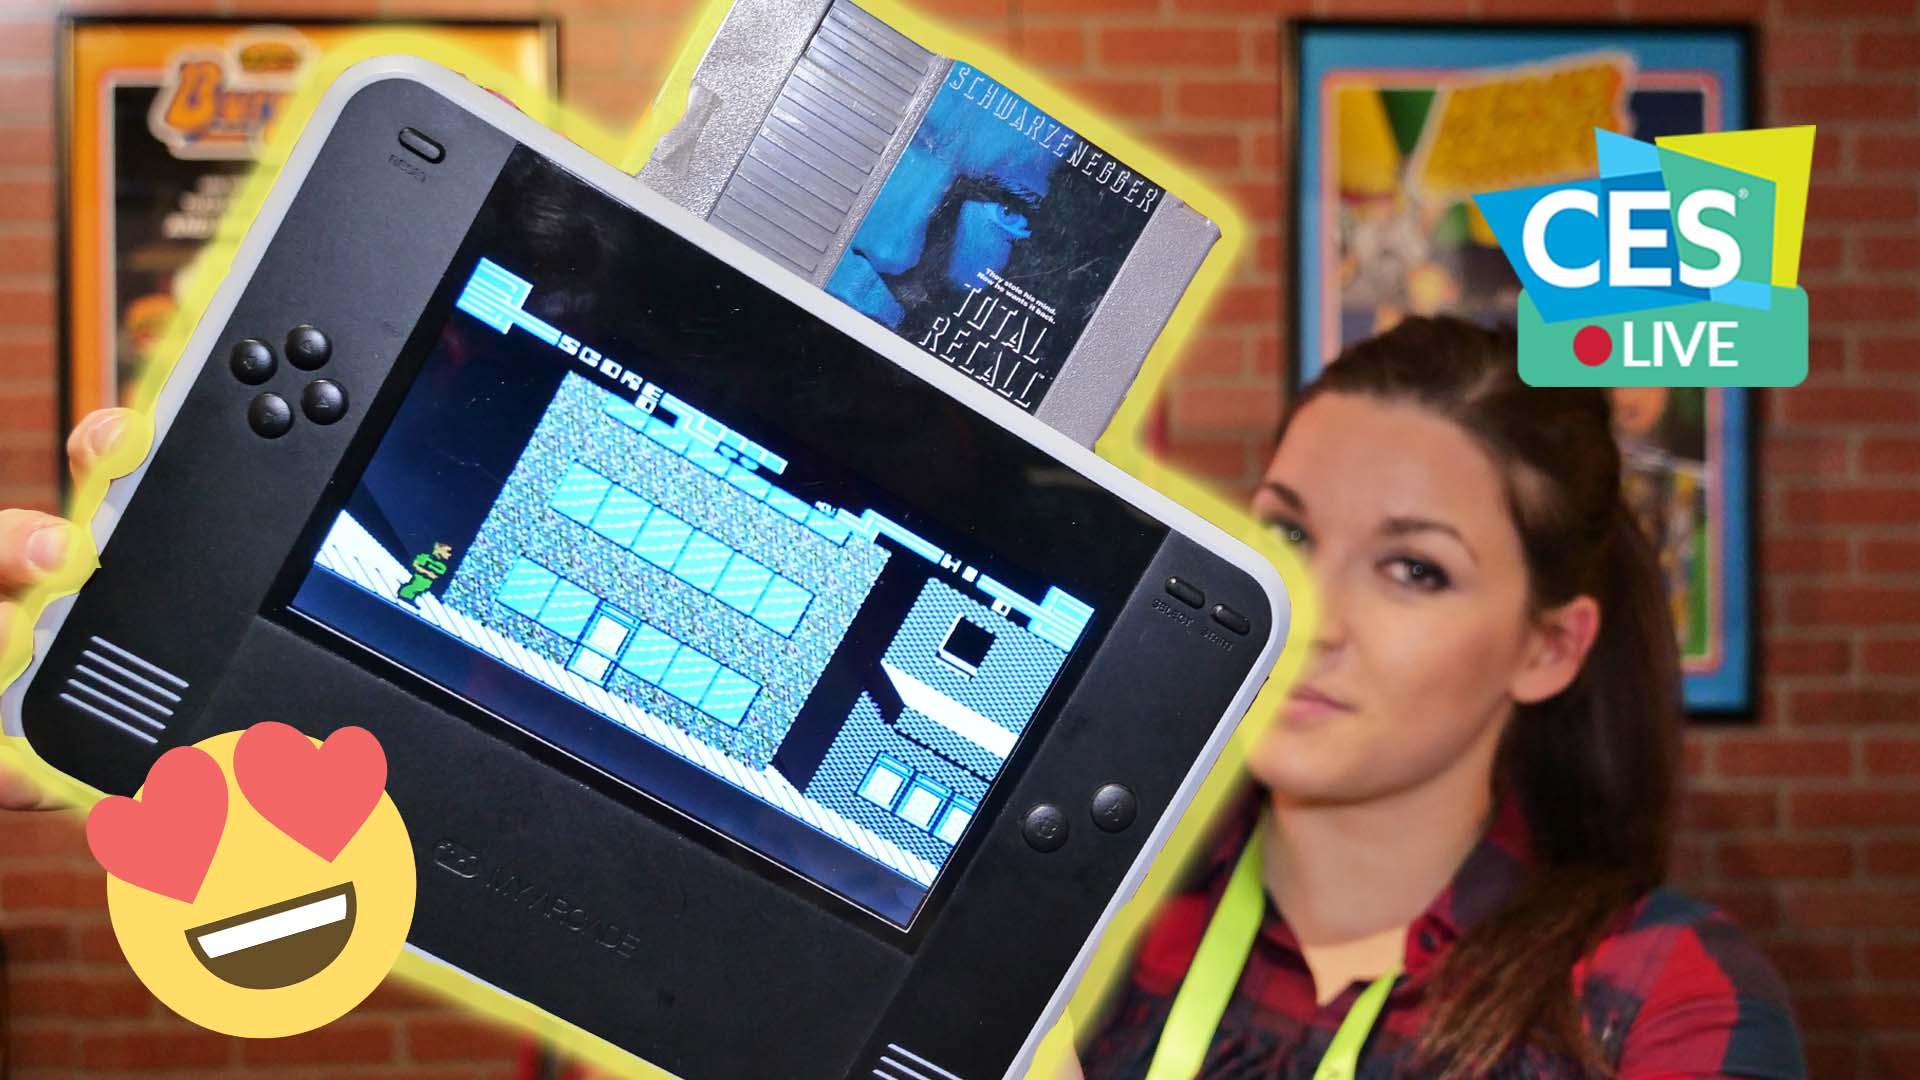 Anteprima Retro Champ: la console per giocare con le cartucce di NES | CES 2019 thumbnail